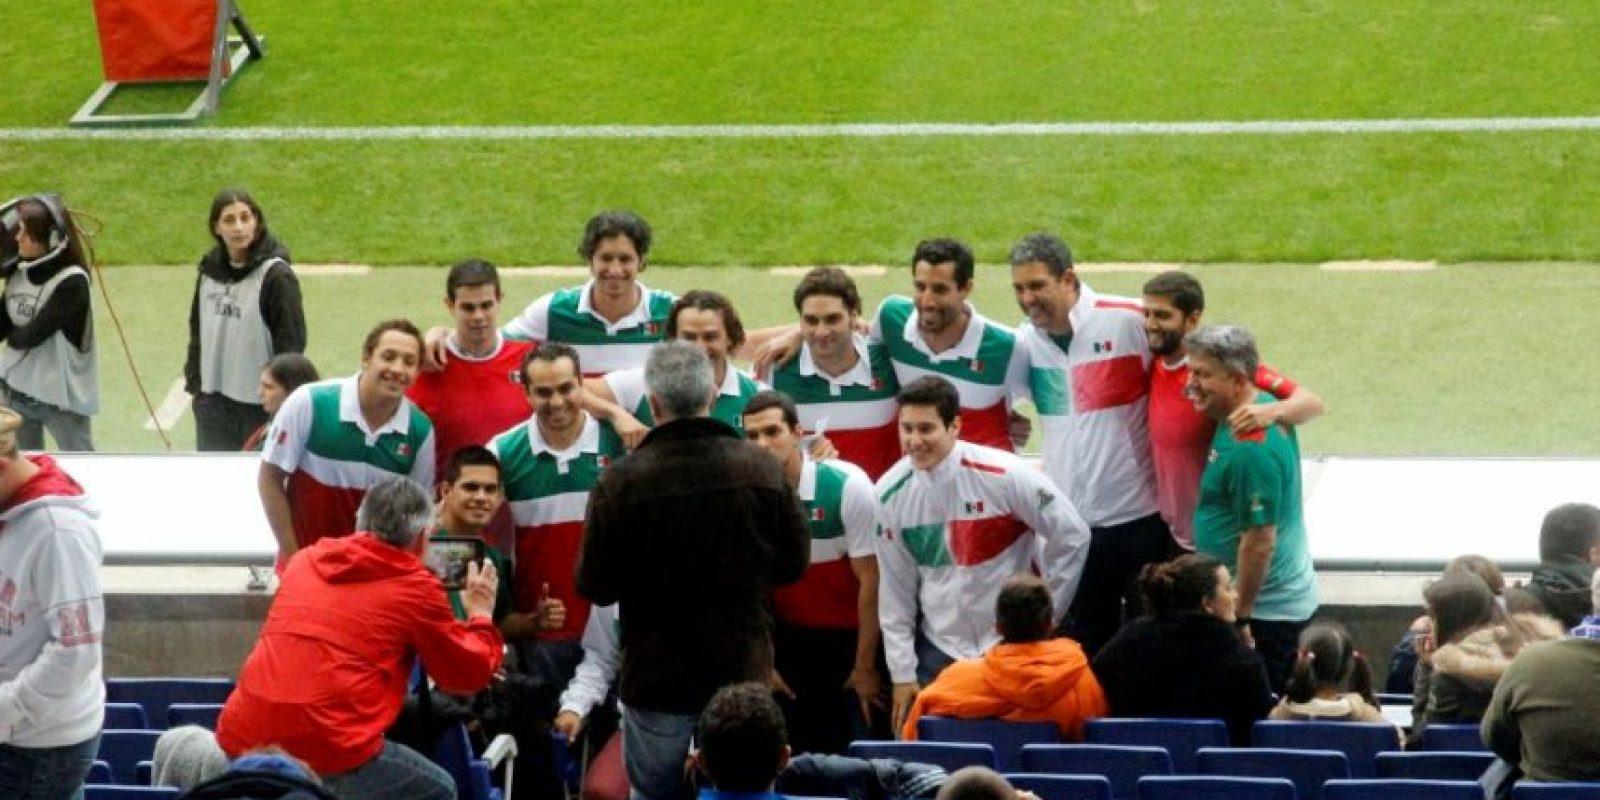 El equipo mexicano de Waterpolo en el Espanyo vs. Villareal. Foto:Ramón Mompió